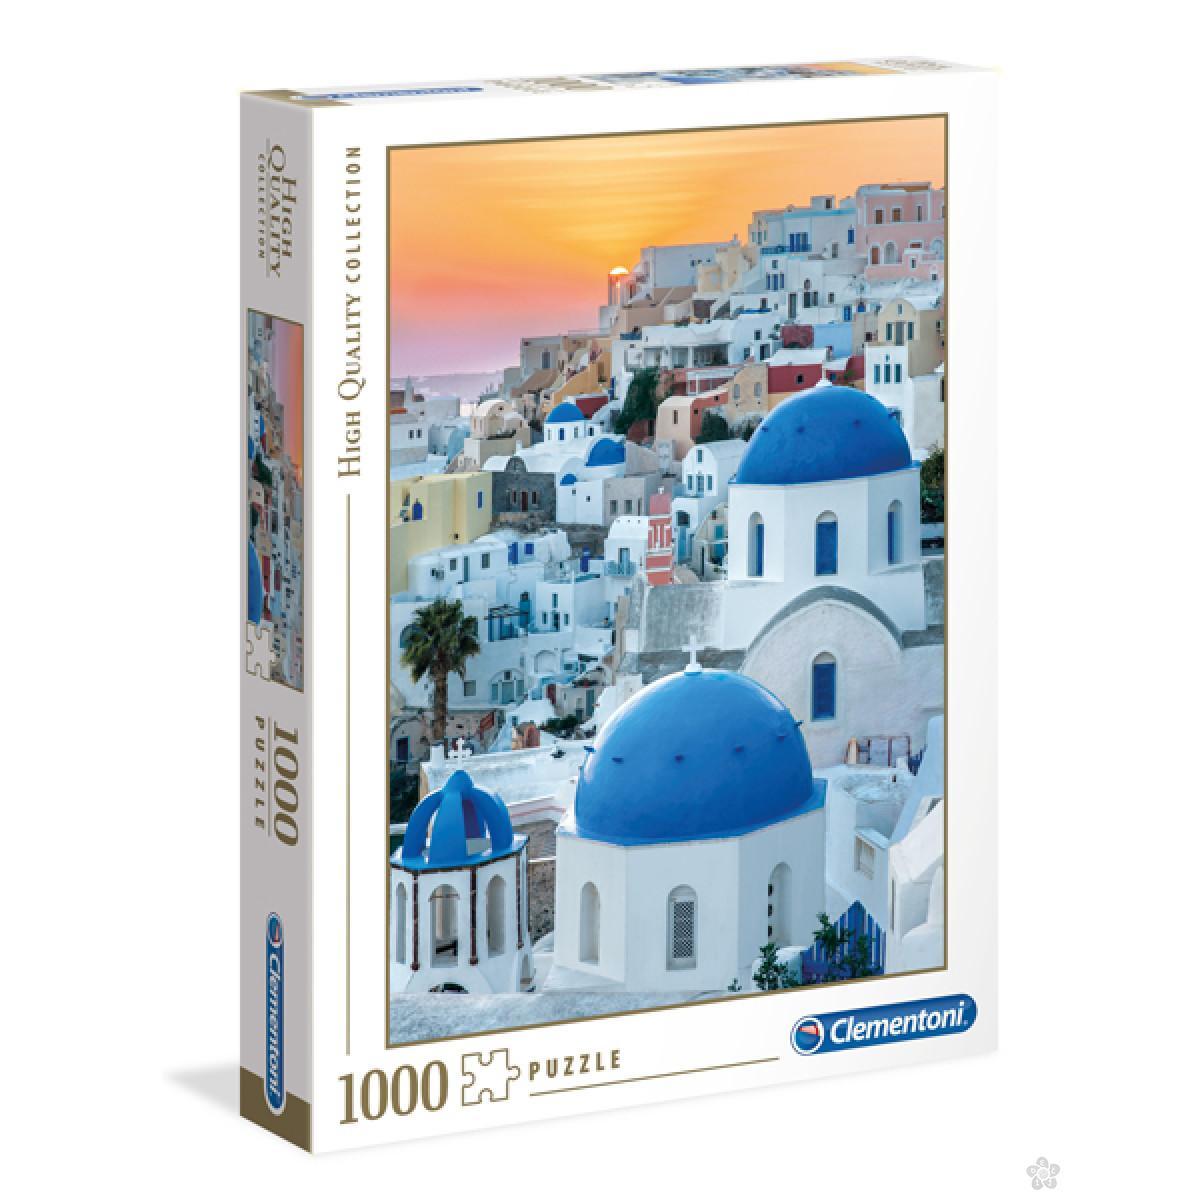 Clementoni puzzla Santorini, 1000pcs 39480